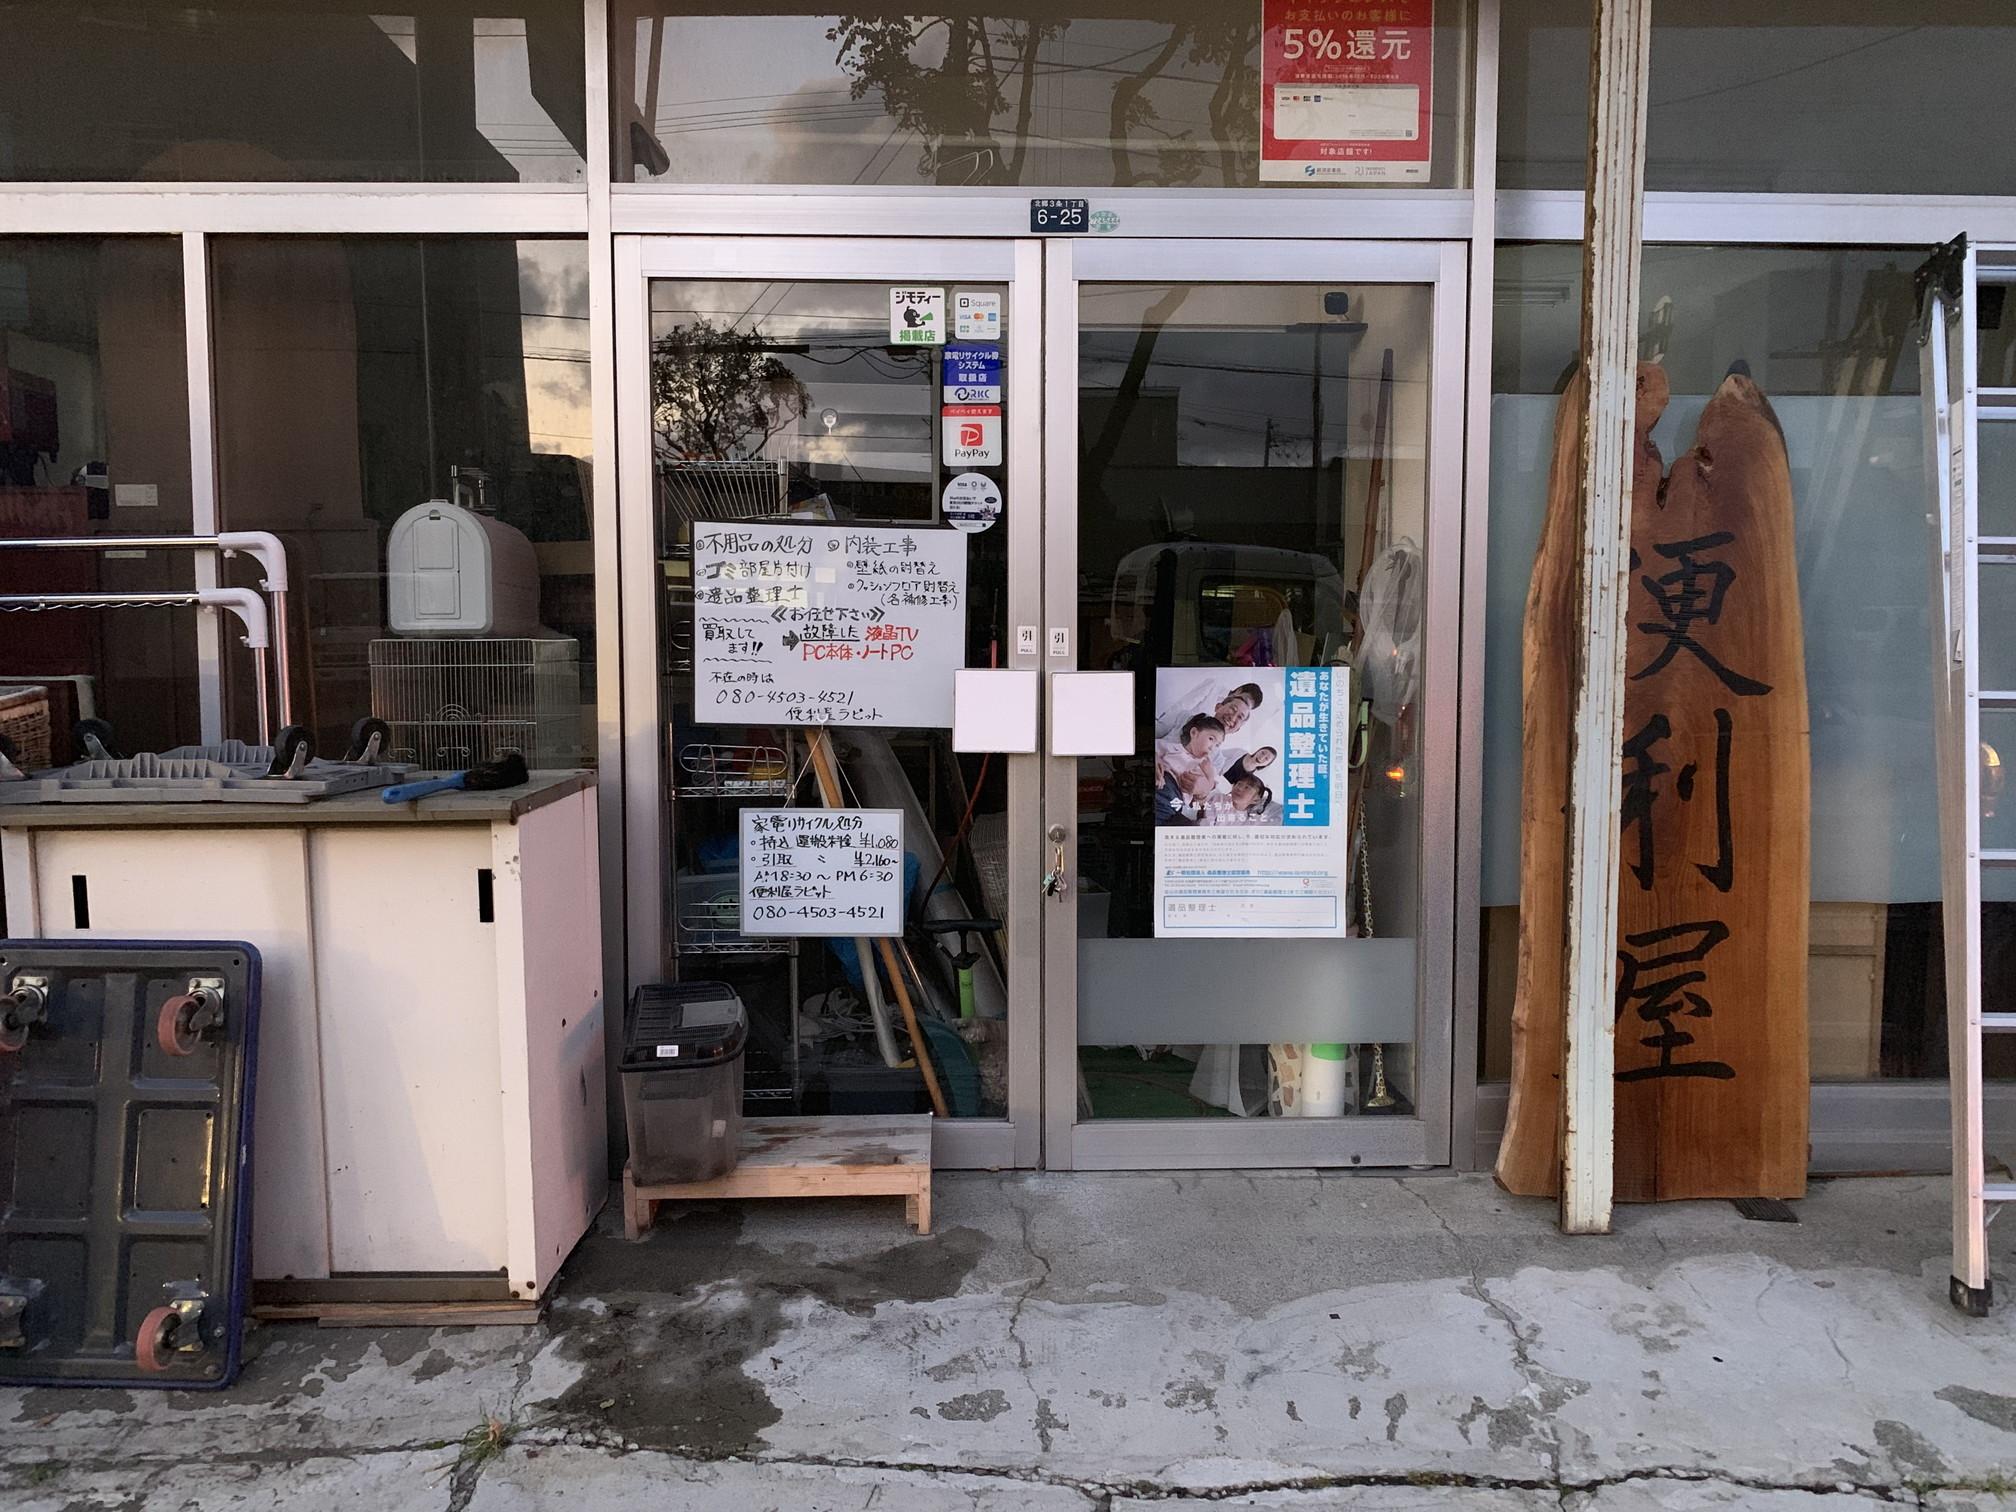 南幌町で家の片付け、ゴミ屋敷清掃、不用品の処分、遺品整理、クロス張替えなら便利屋ラビット